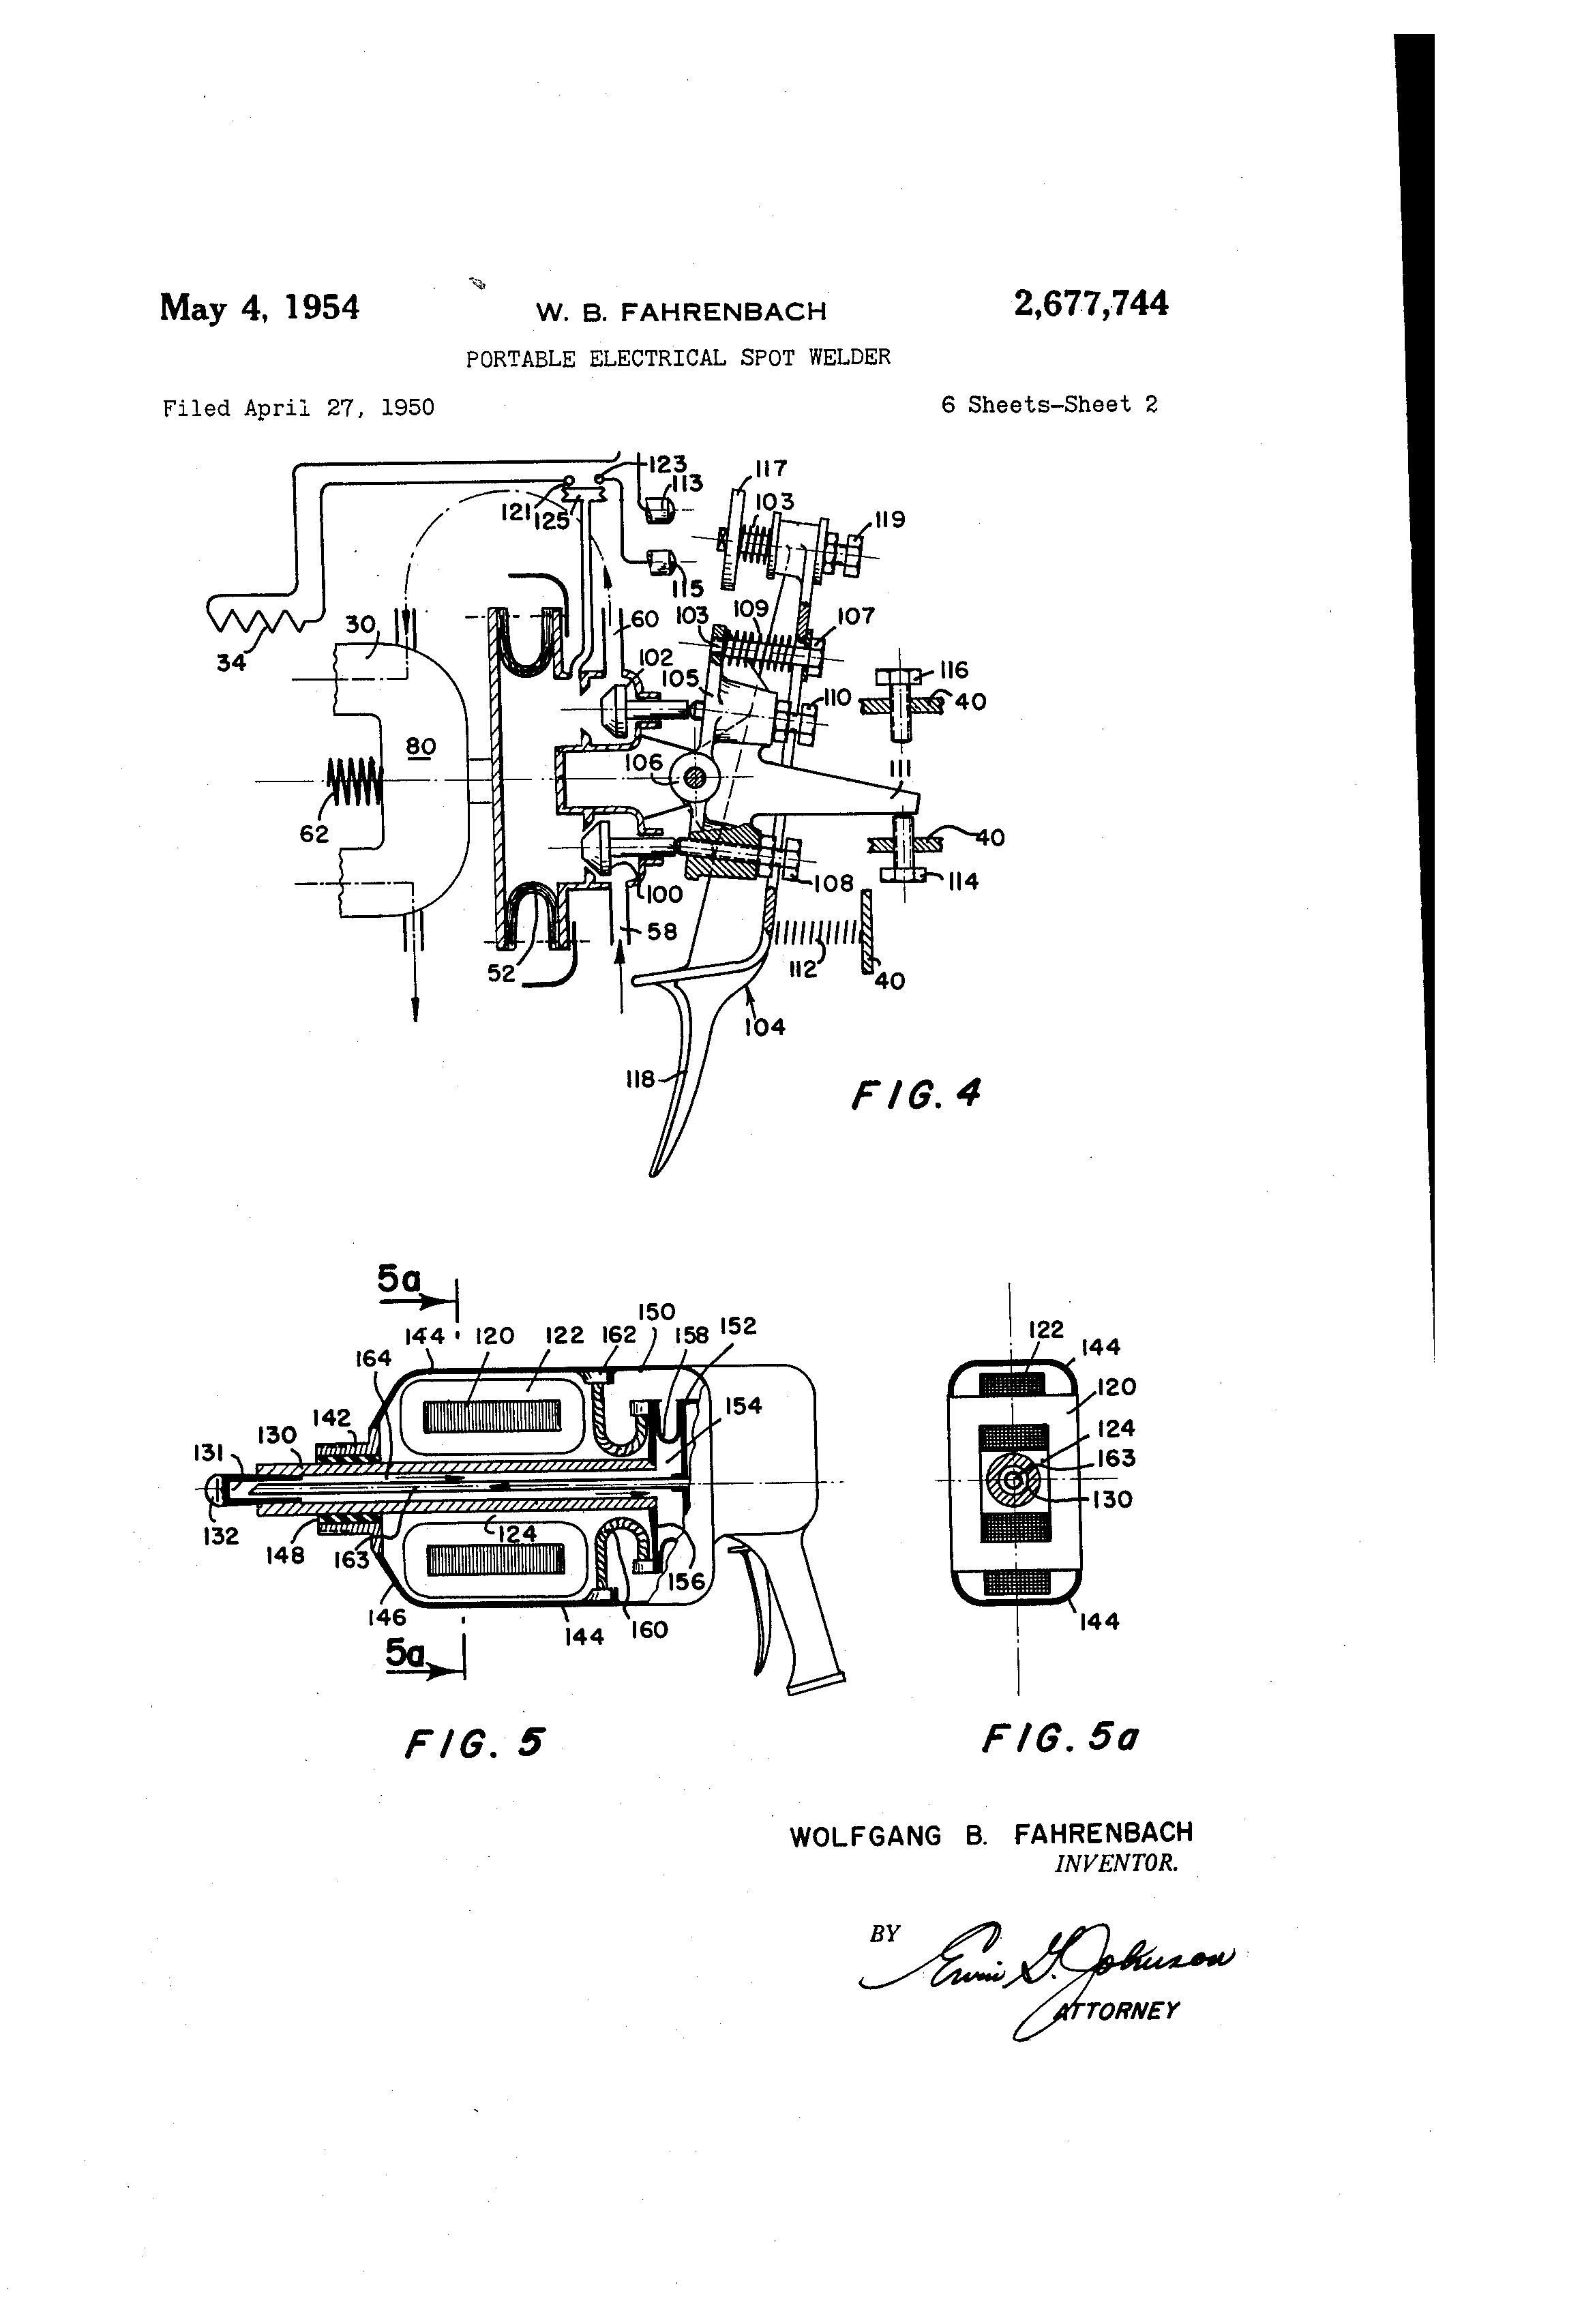 Brevet Us2677744 Portable Electrical Spot Welder Google Brevets Welding Diagram Patent Drawing